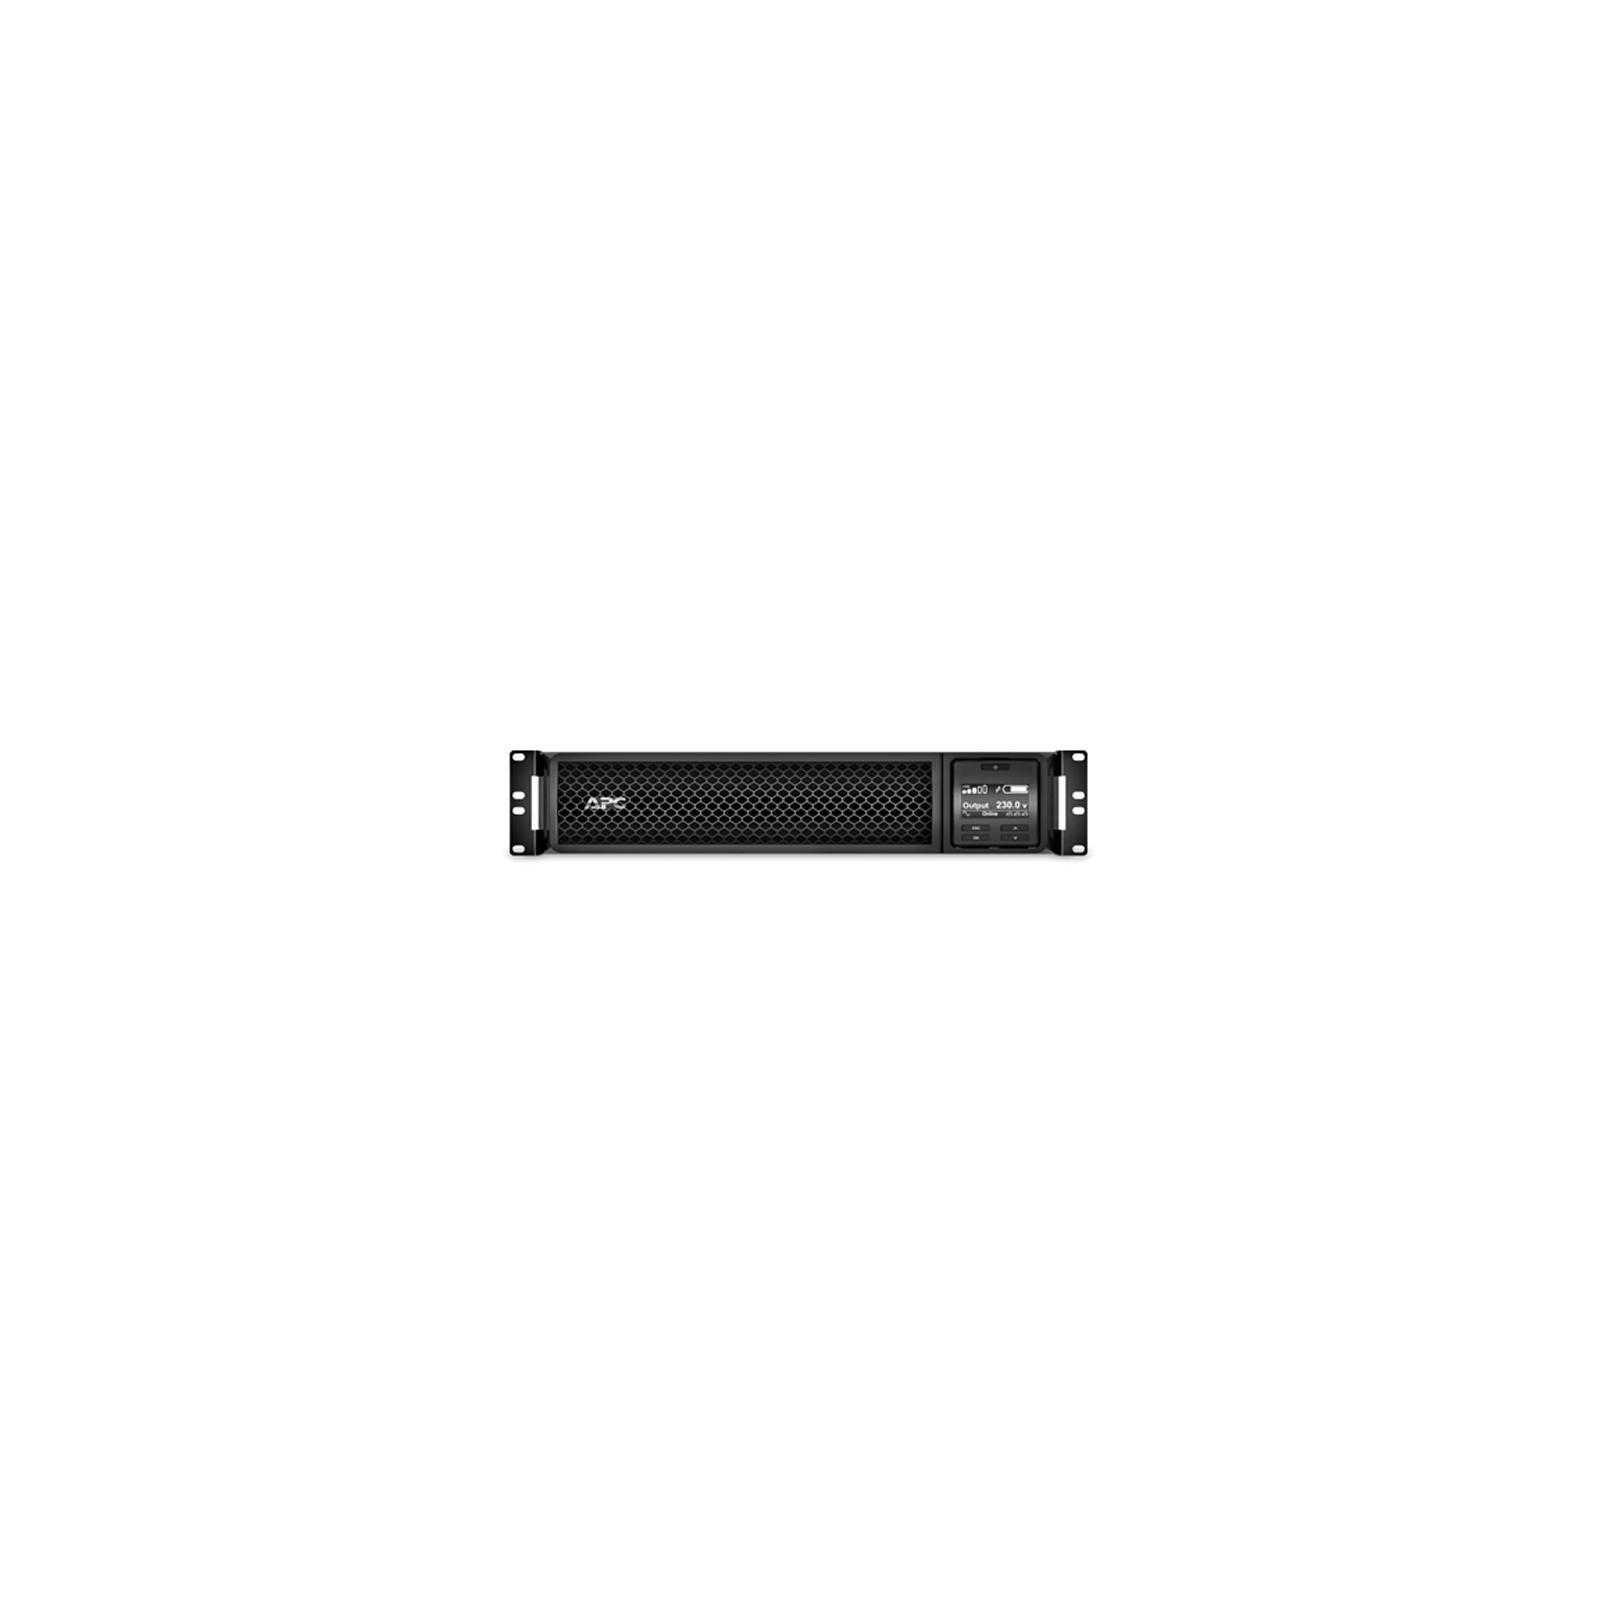 Источник бесперебойного питания APC Smart-UPS SRT 2200VA RM (SRT2200RMXLI) изображение 2